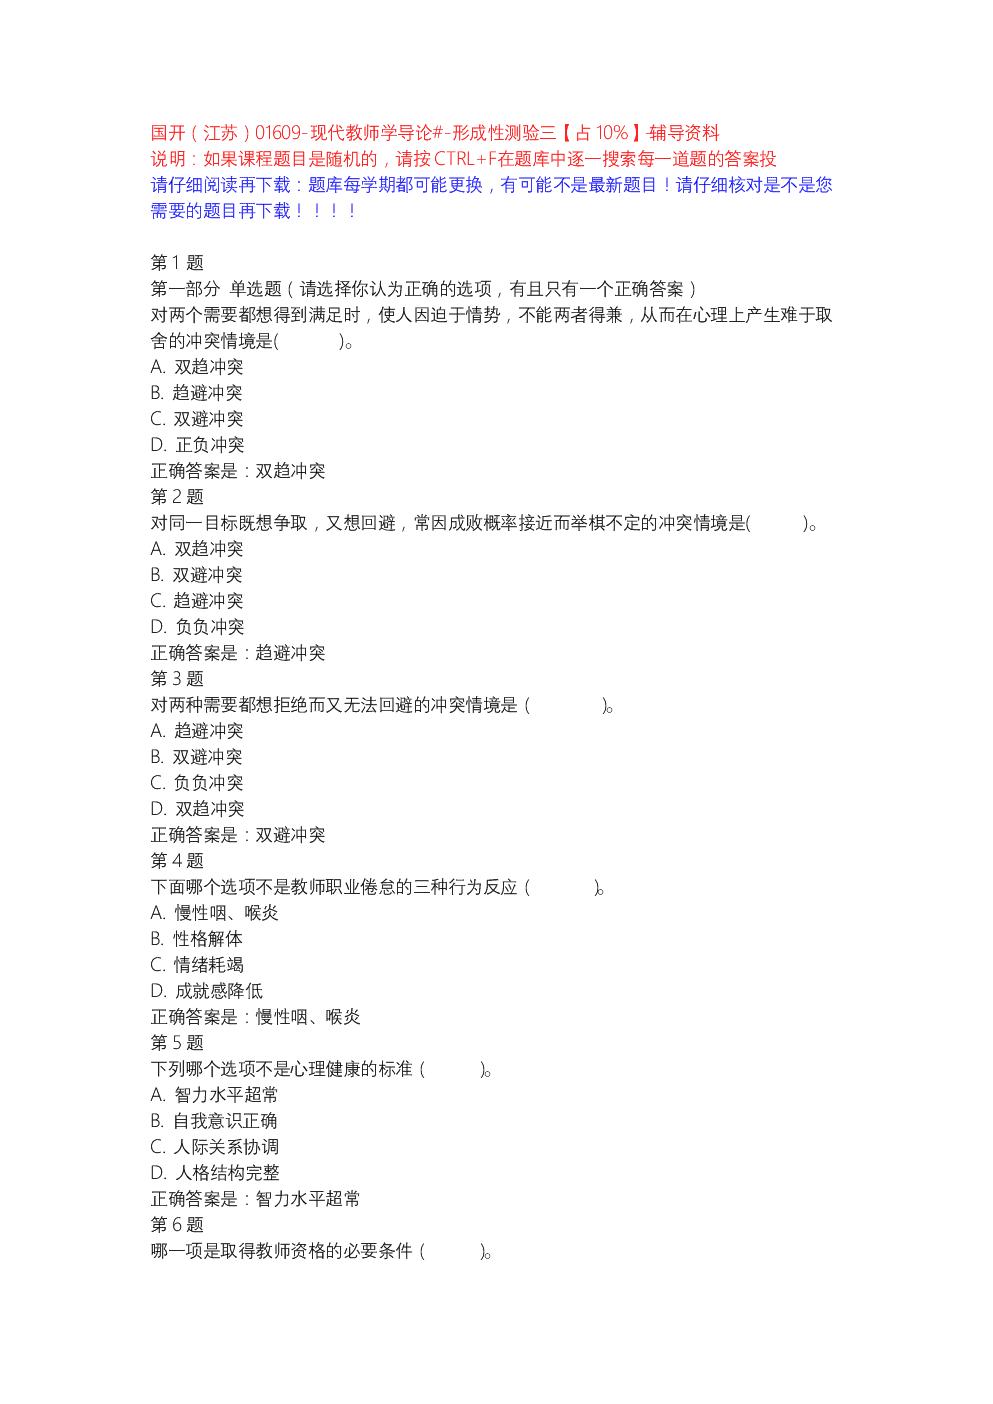 国开(江苏)01609-现代教师学导论#-形成性测验三【占10%】-辅导资料.docx